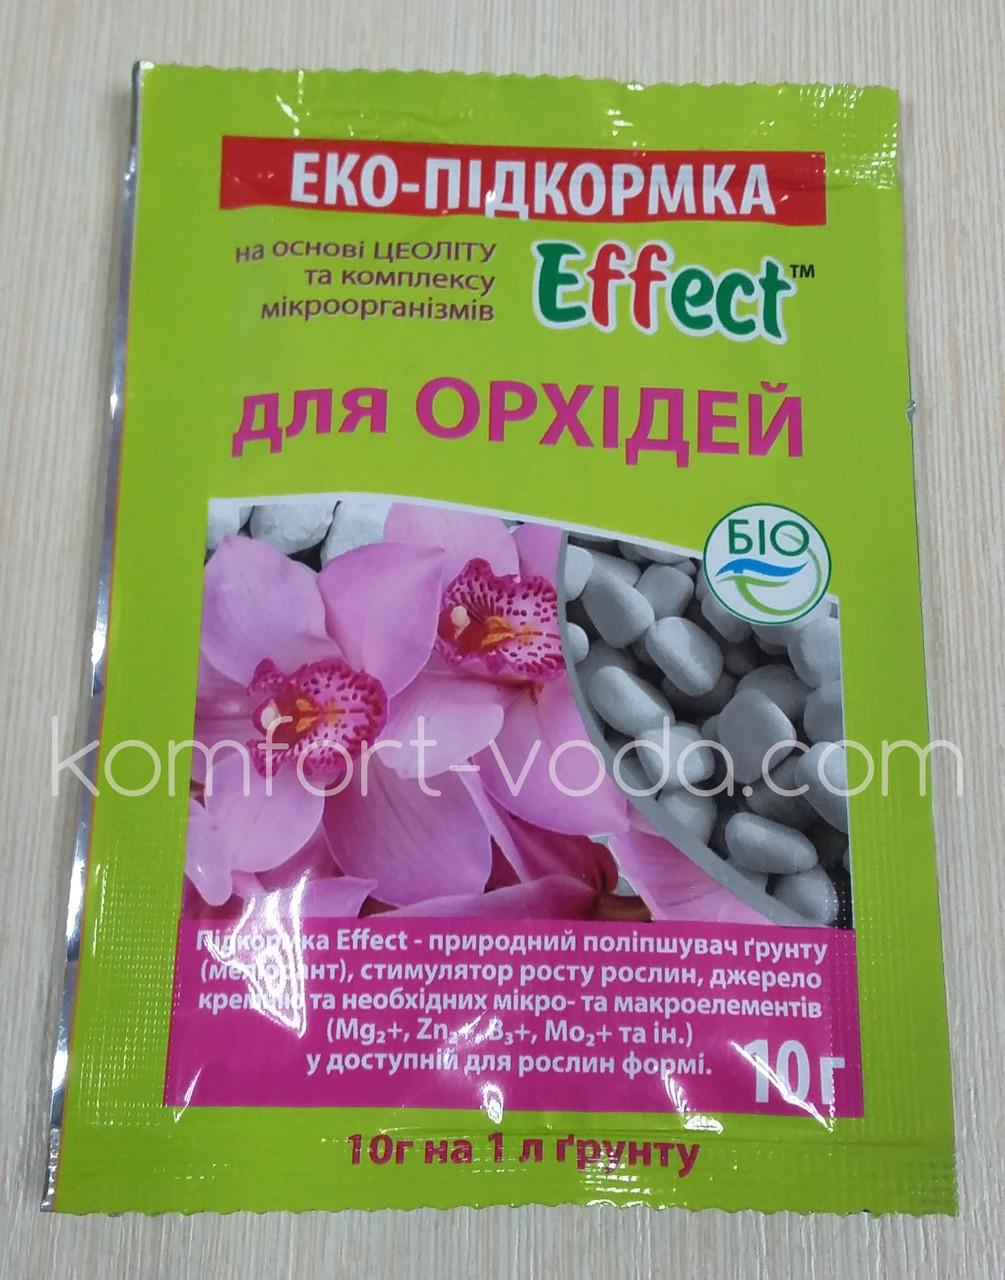 Подкормка Effect для орхидей (10 г)